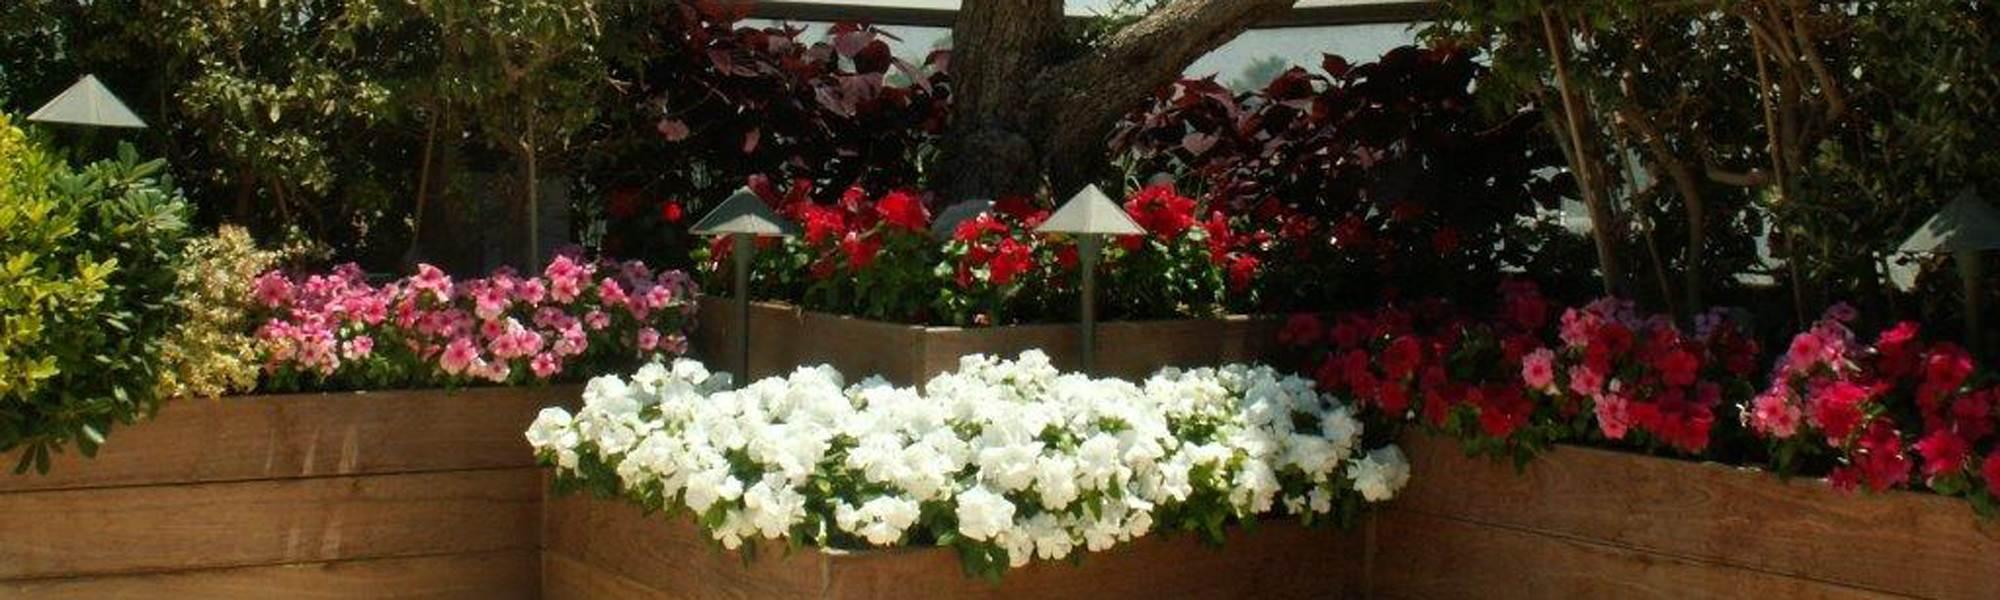 אדניות עץ עם פרחים מעוצבים